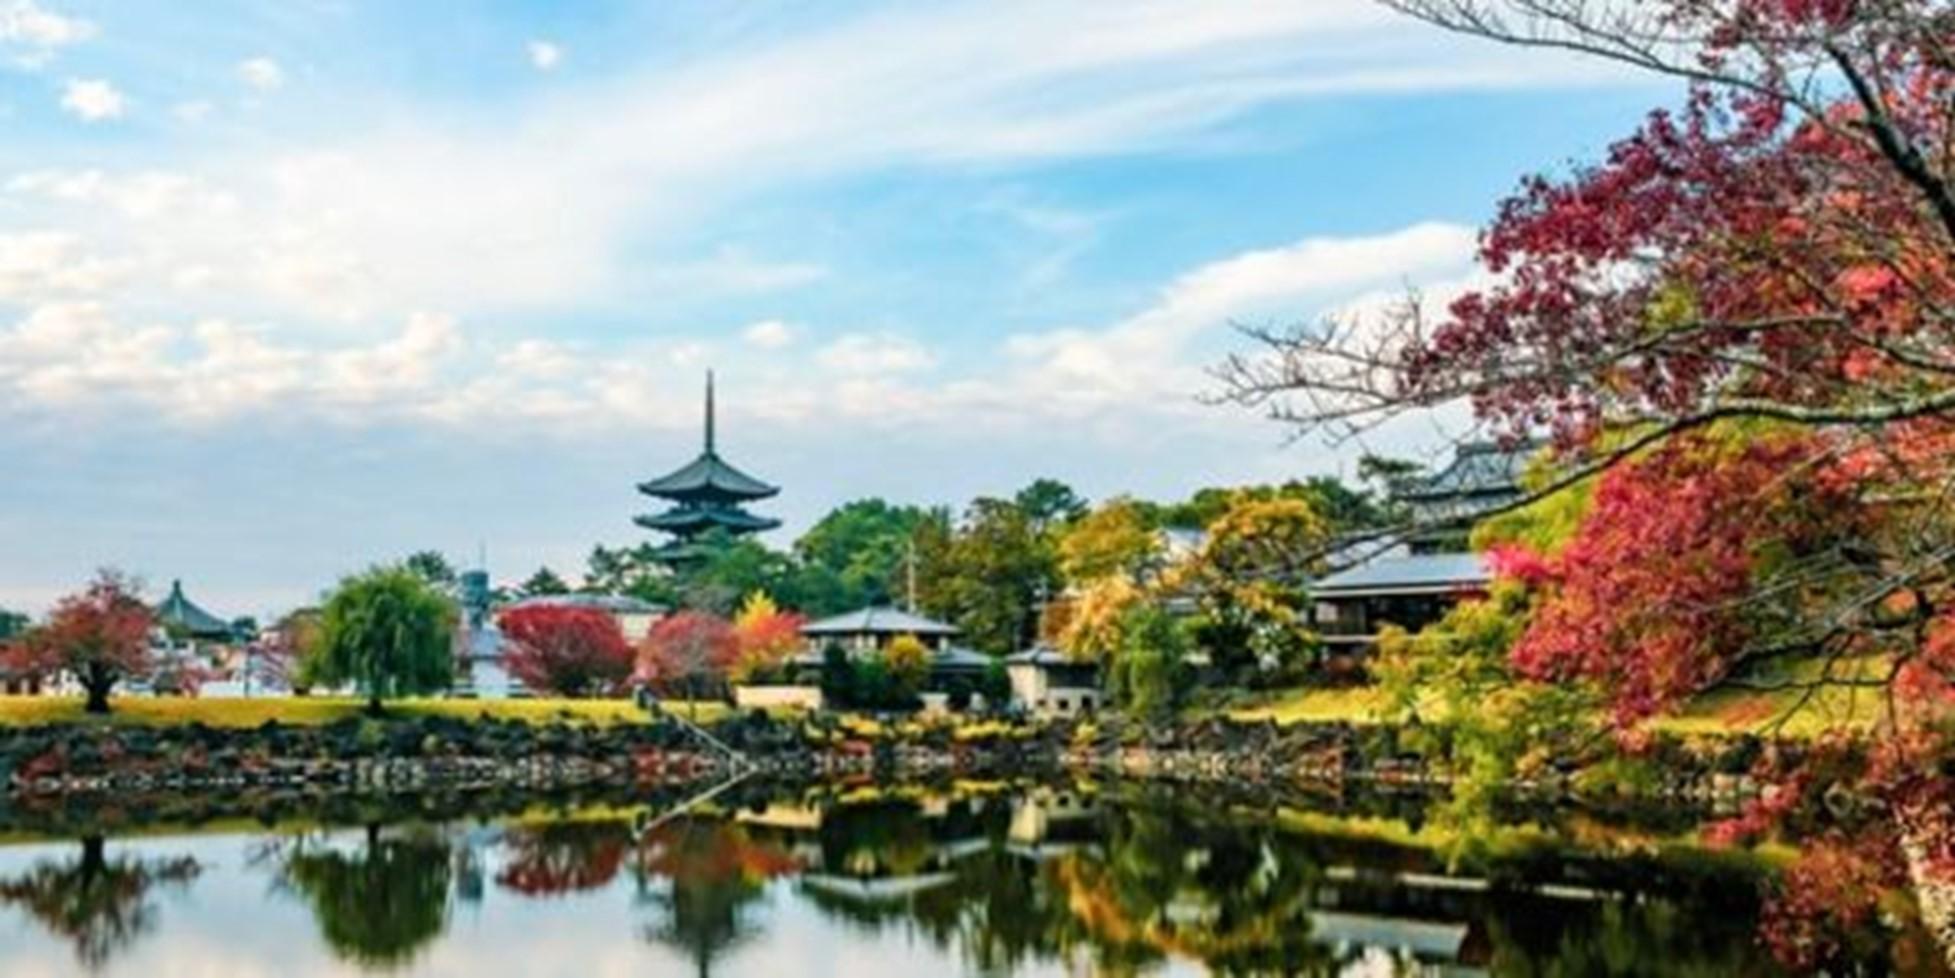 JAPONIA IN ARMONII DE TOAMNA 2021 - TRADITIE NEATINSA SI MODERN LA INALTIME